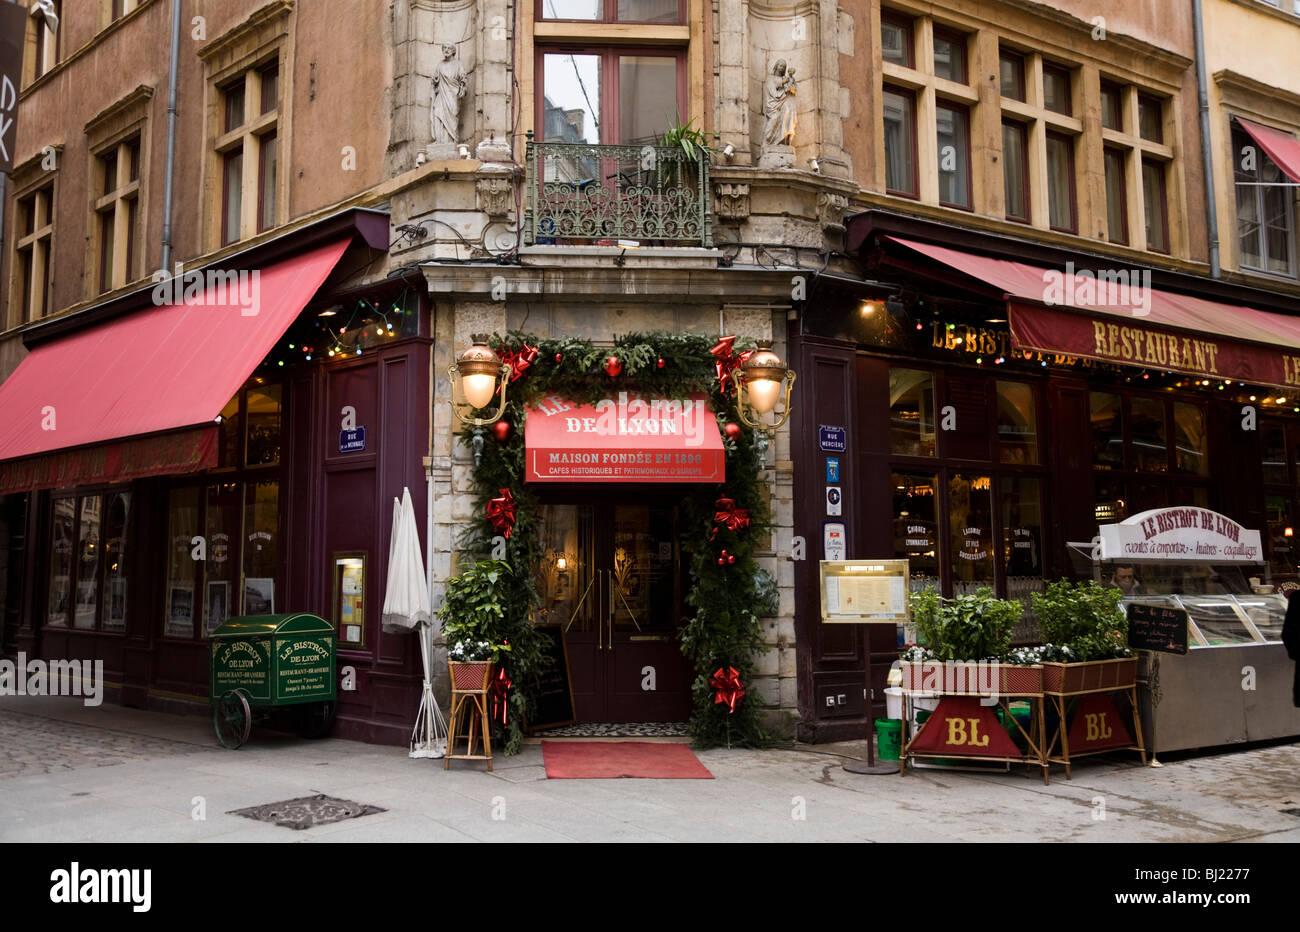 Restaurant Lapon Paris